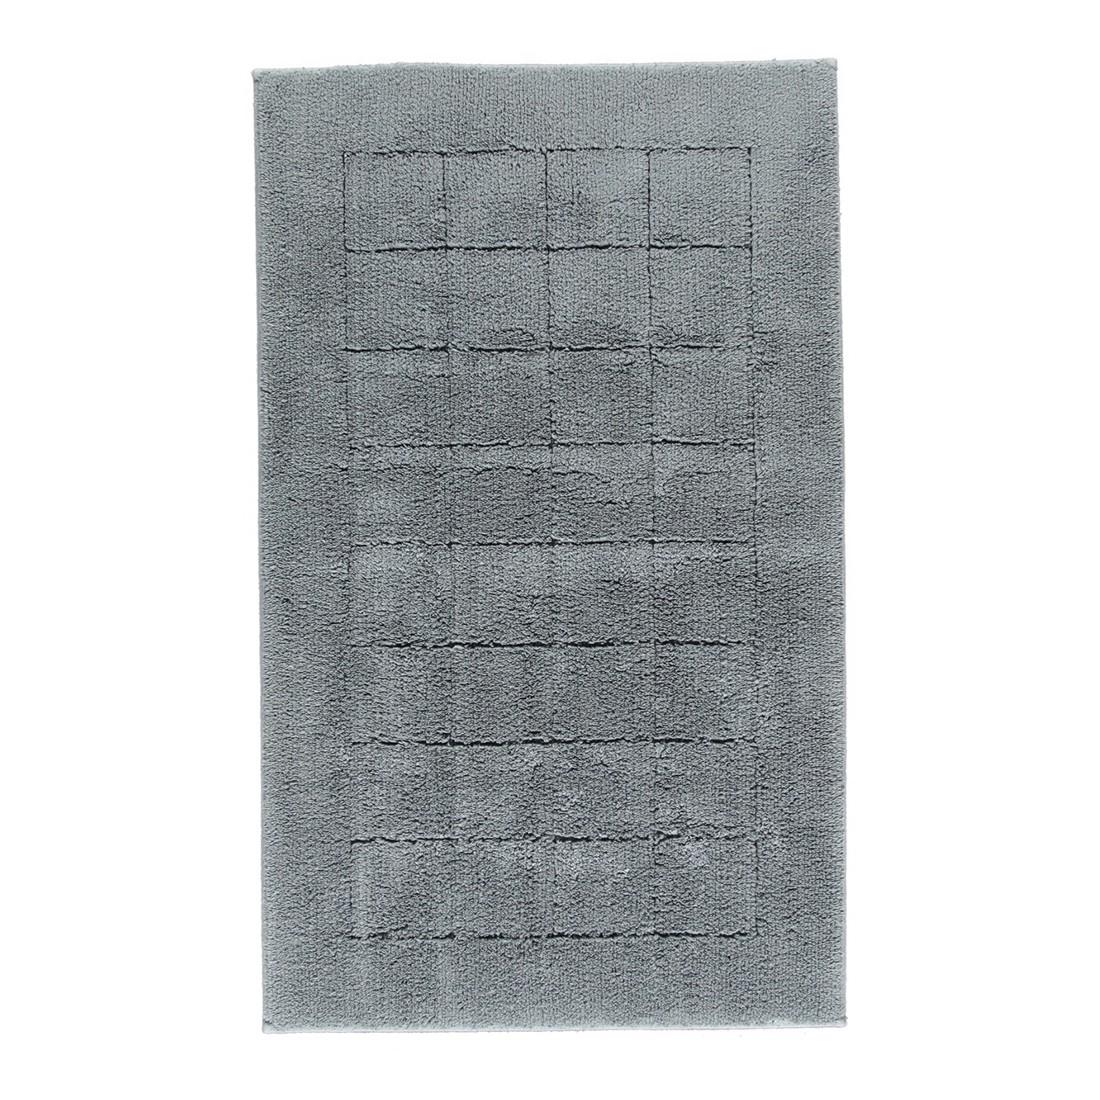 Badteppich Exclusive – 100% Baumwolle flanell – 740 – Toilettenvorlage: 50 x 55 cm, Vossen jetzt bestellen